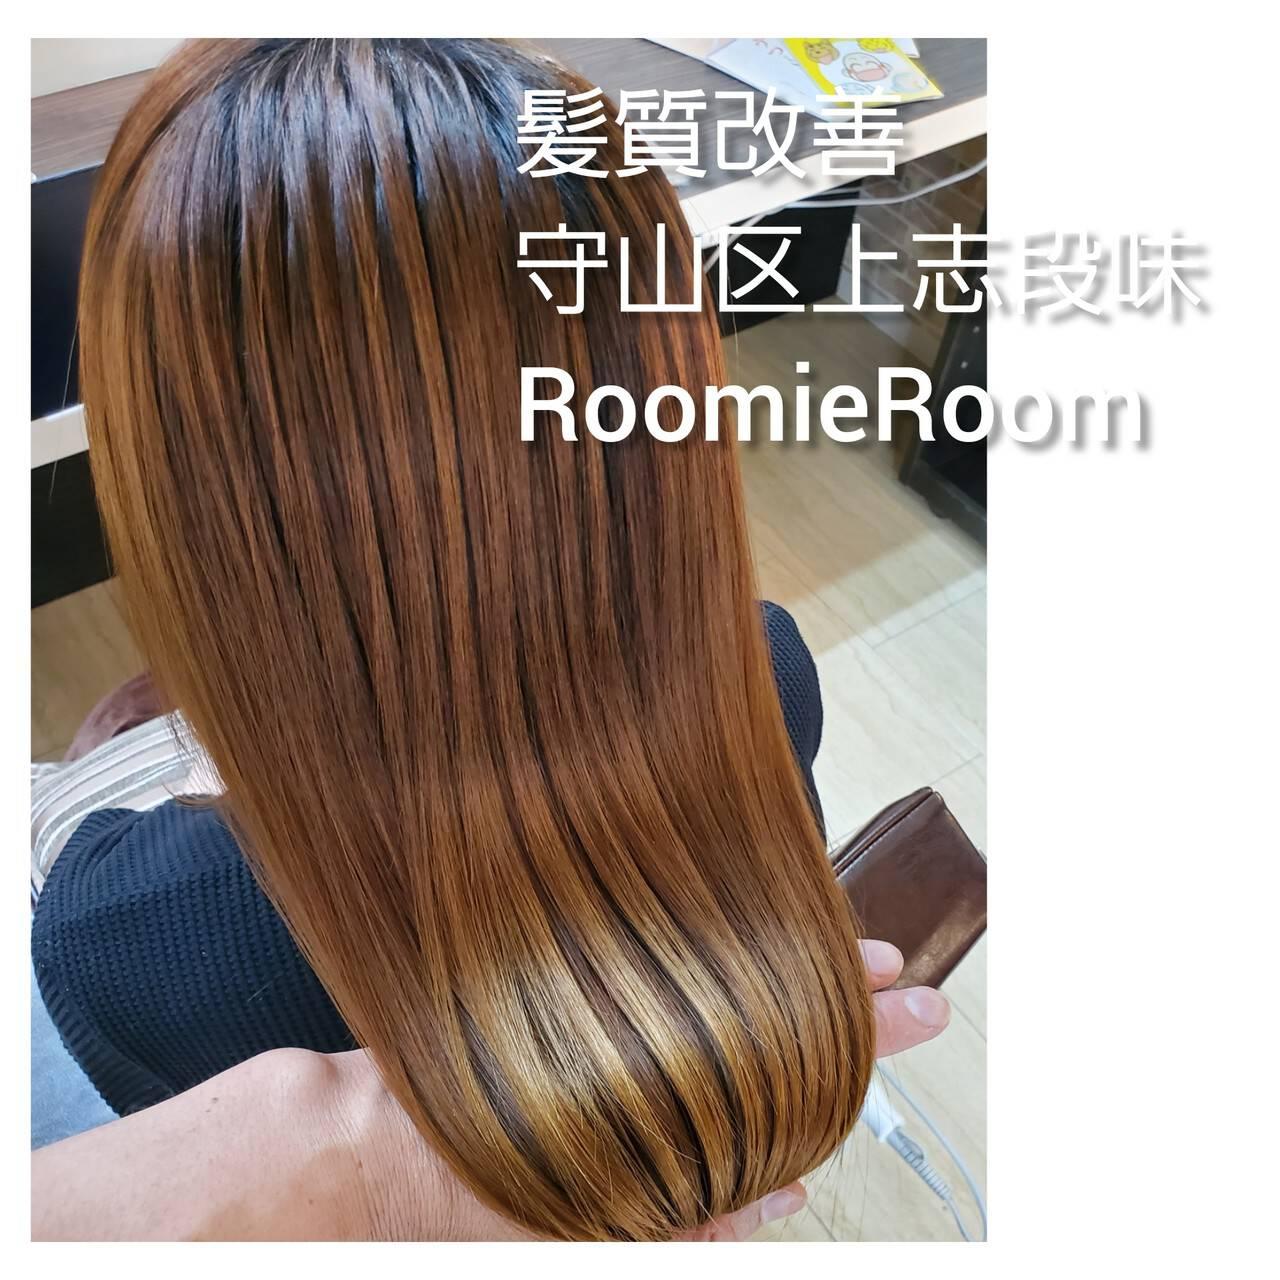 美髪 ナチュラル 髪の病院 セミロングヘアスタイルや髪型の写真・画像